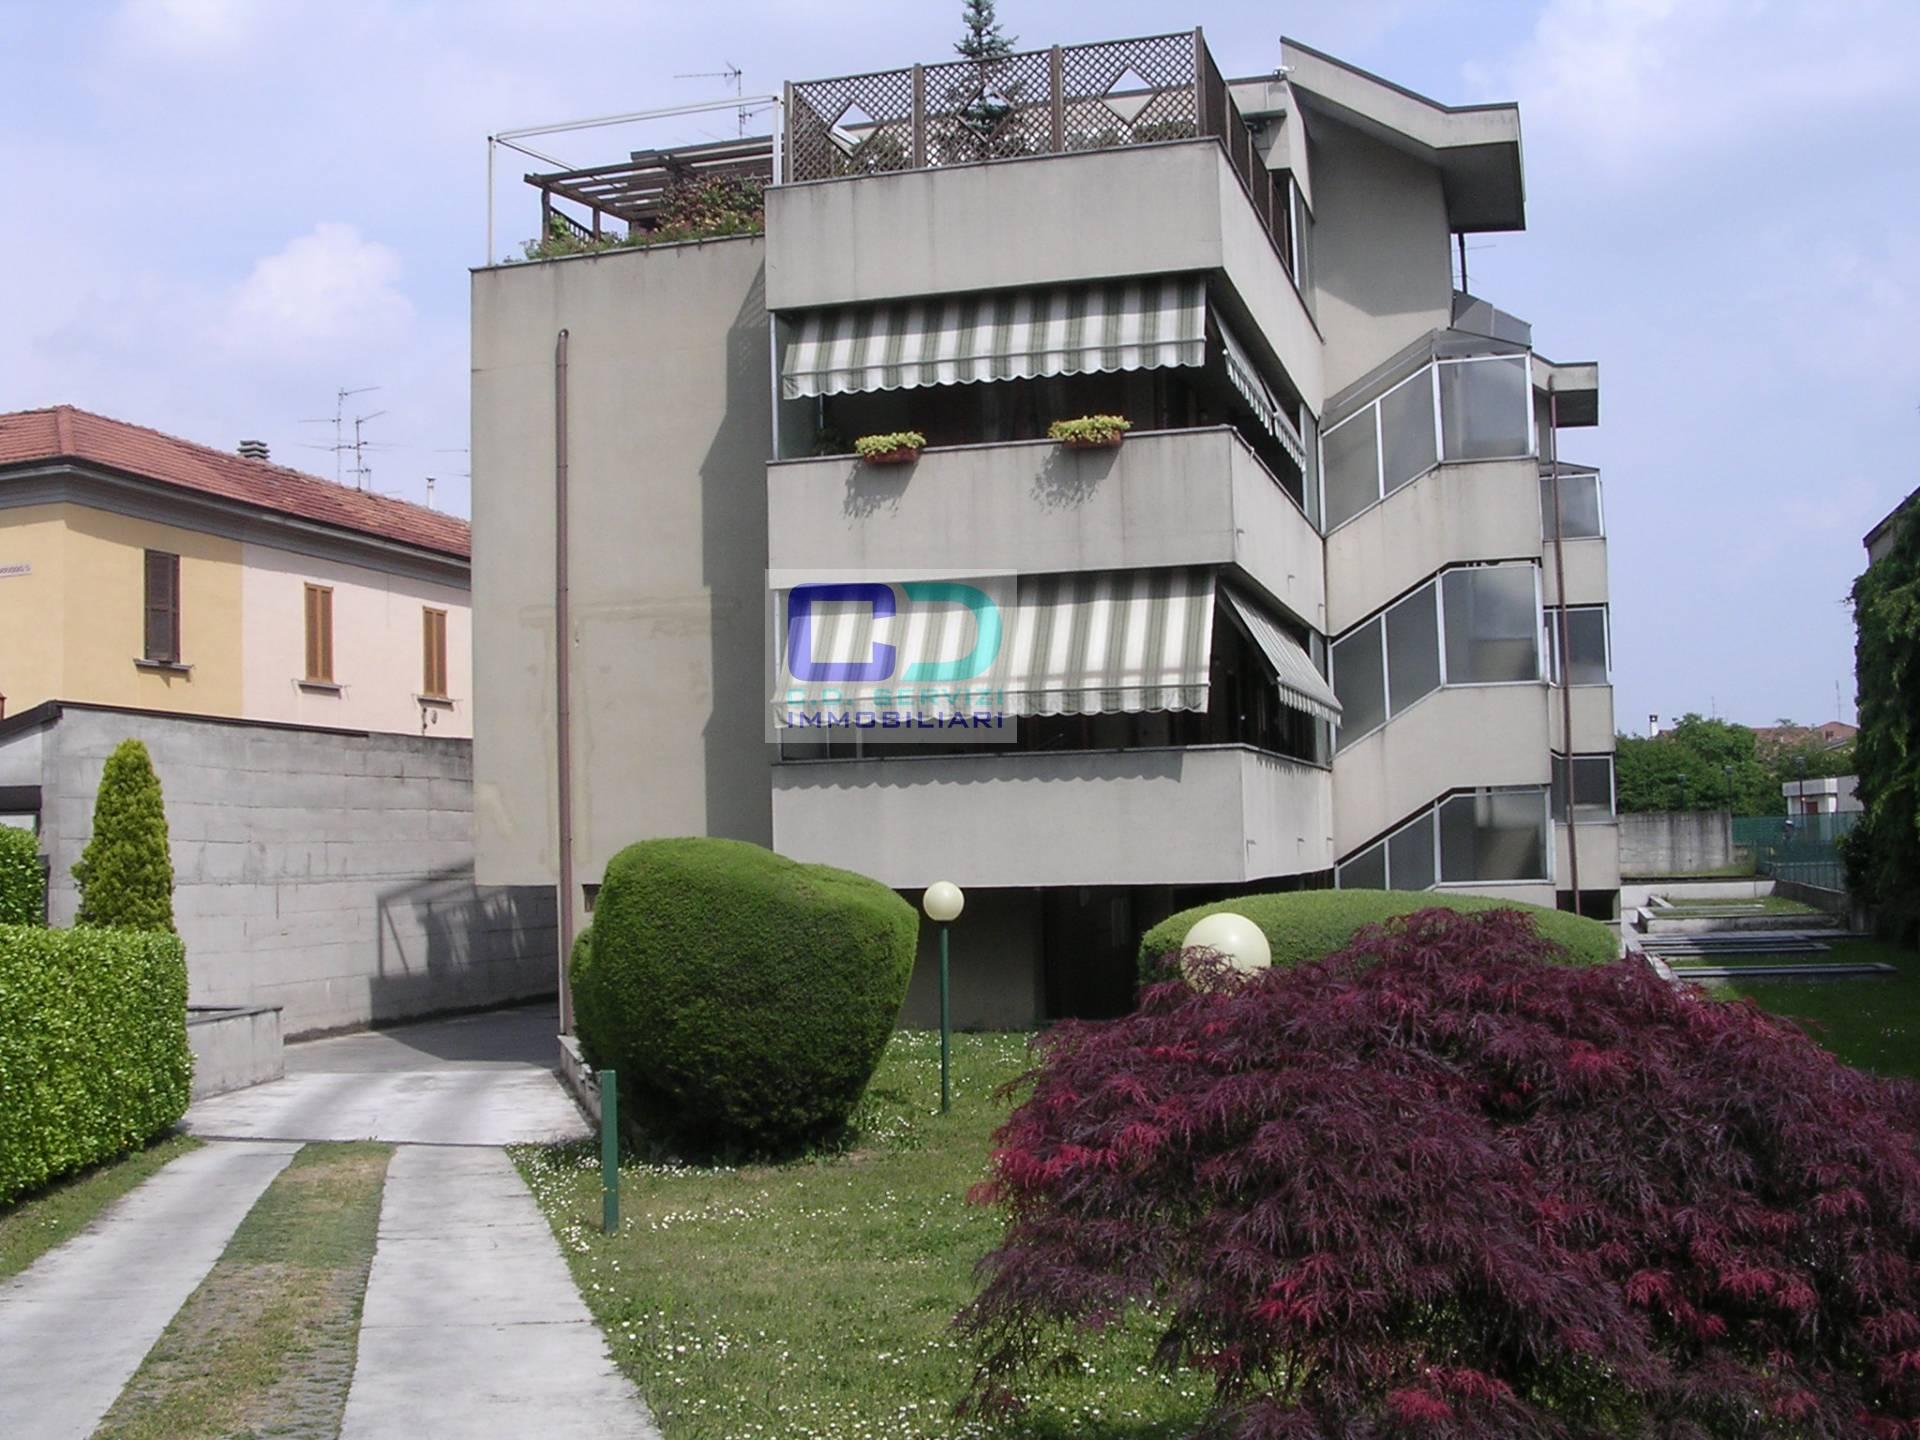 Appartamento in vendita a Treviglio, 3 locali, prezzo € 130.000   PortaleAgenzieImmobiliari.it